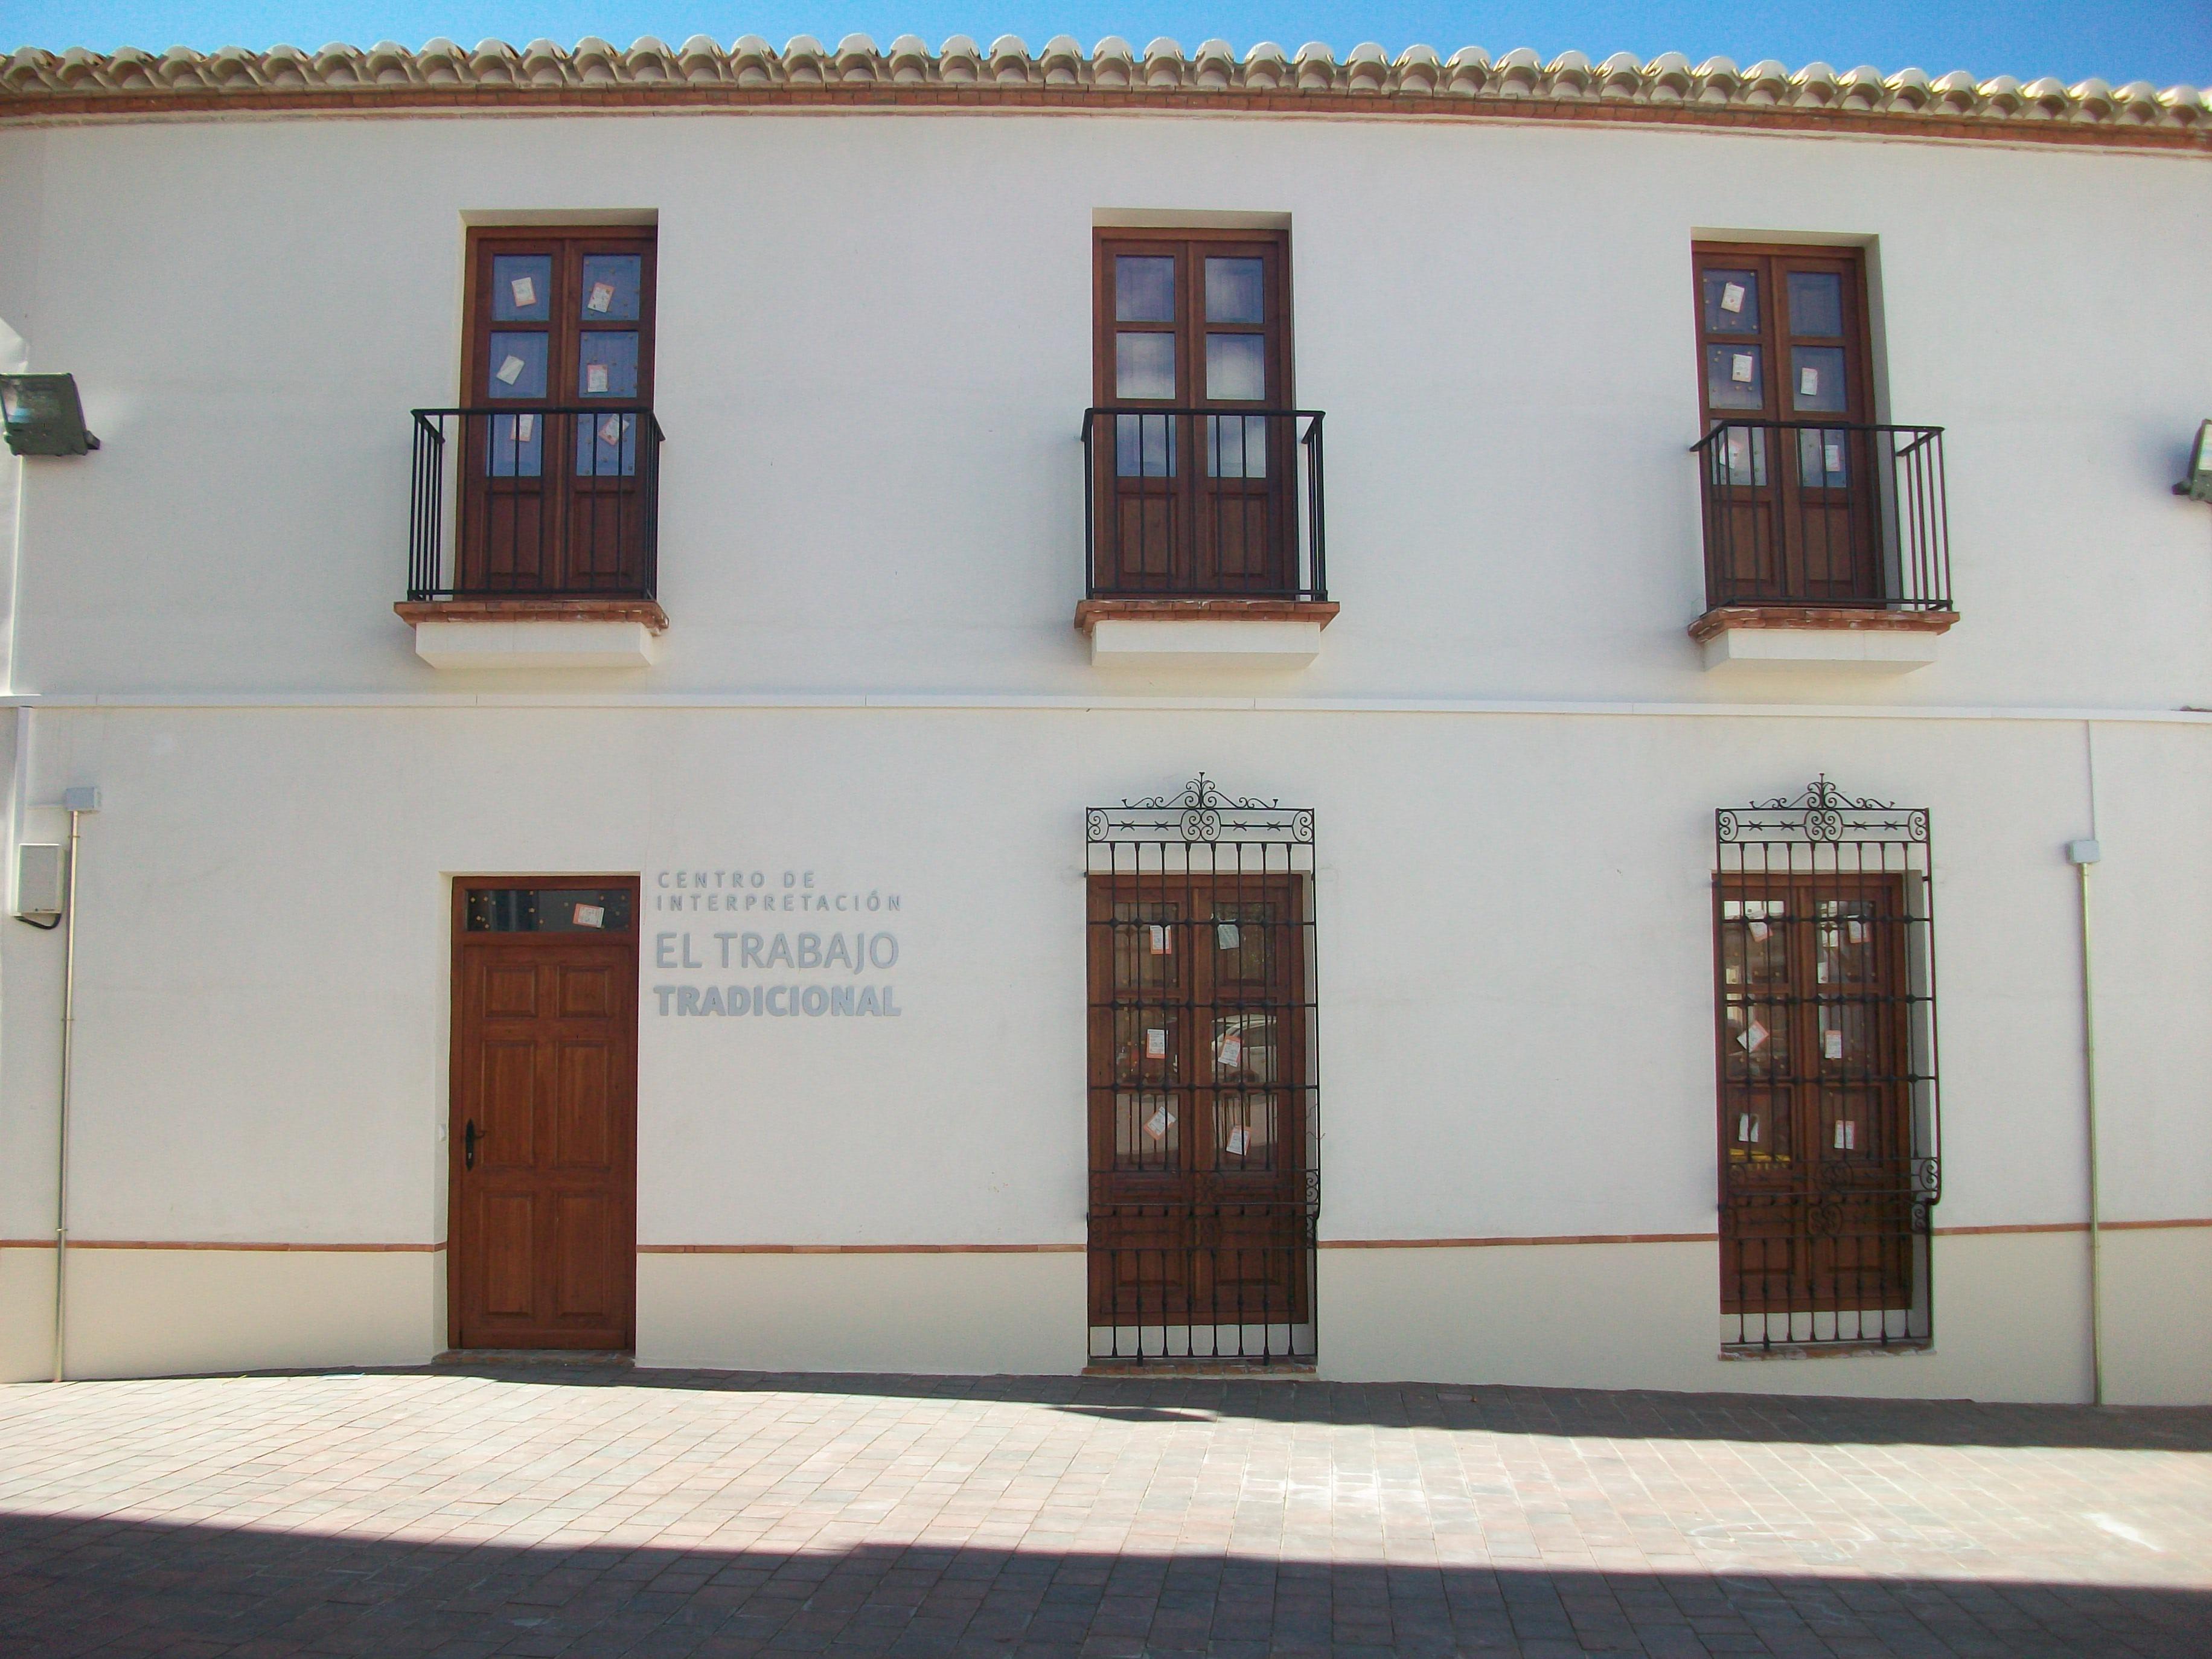 Centro de Interpretación del Trabajo Tradicional